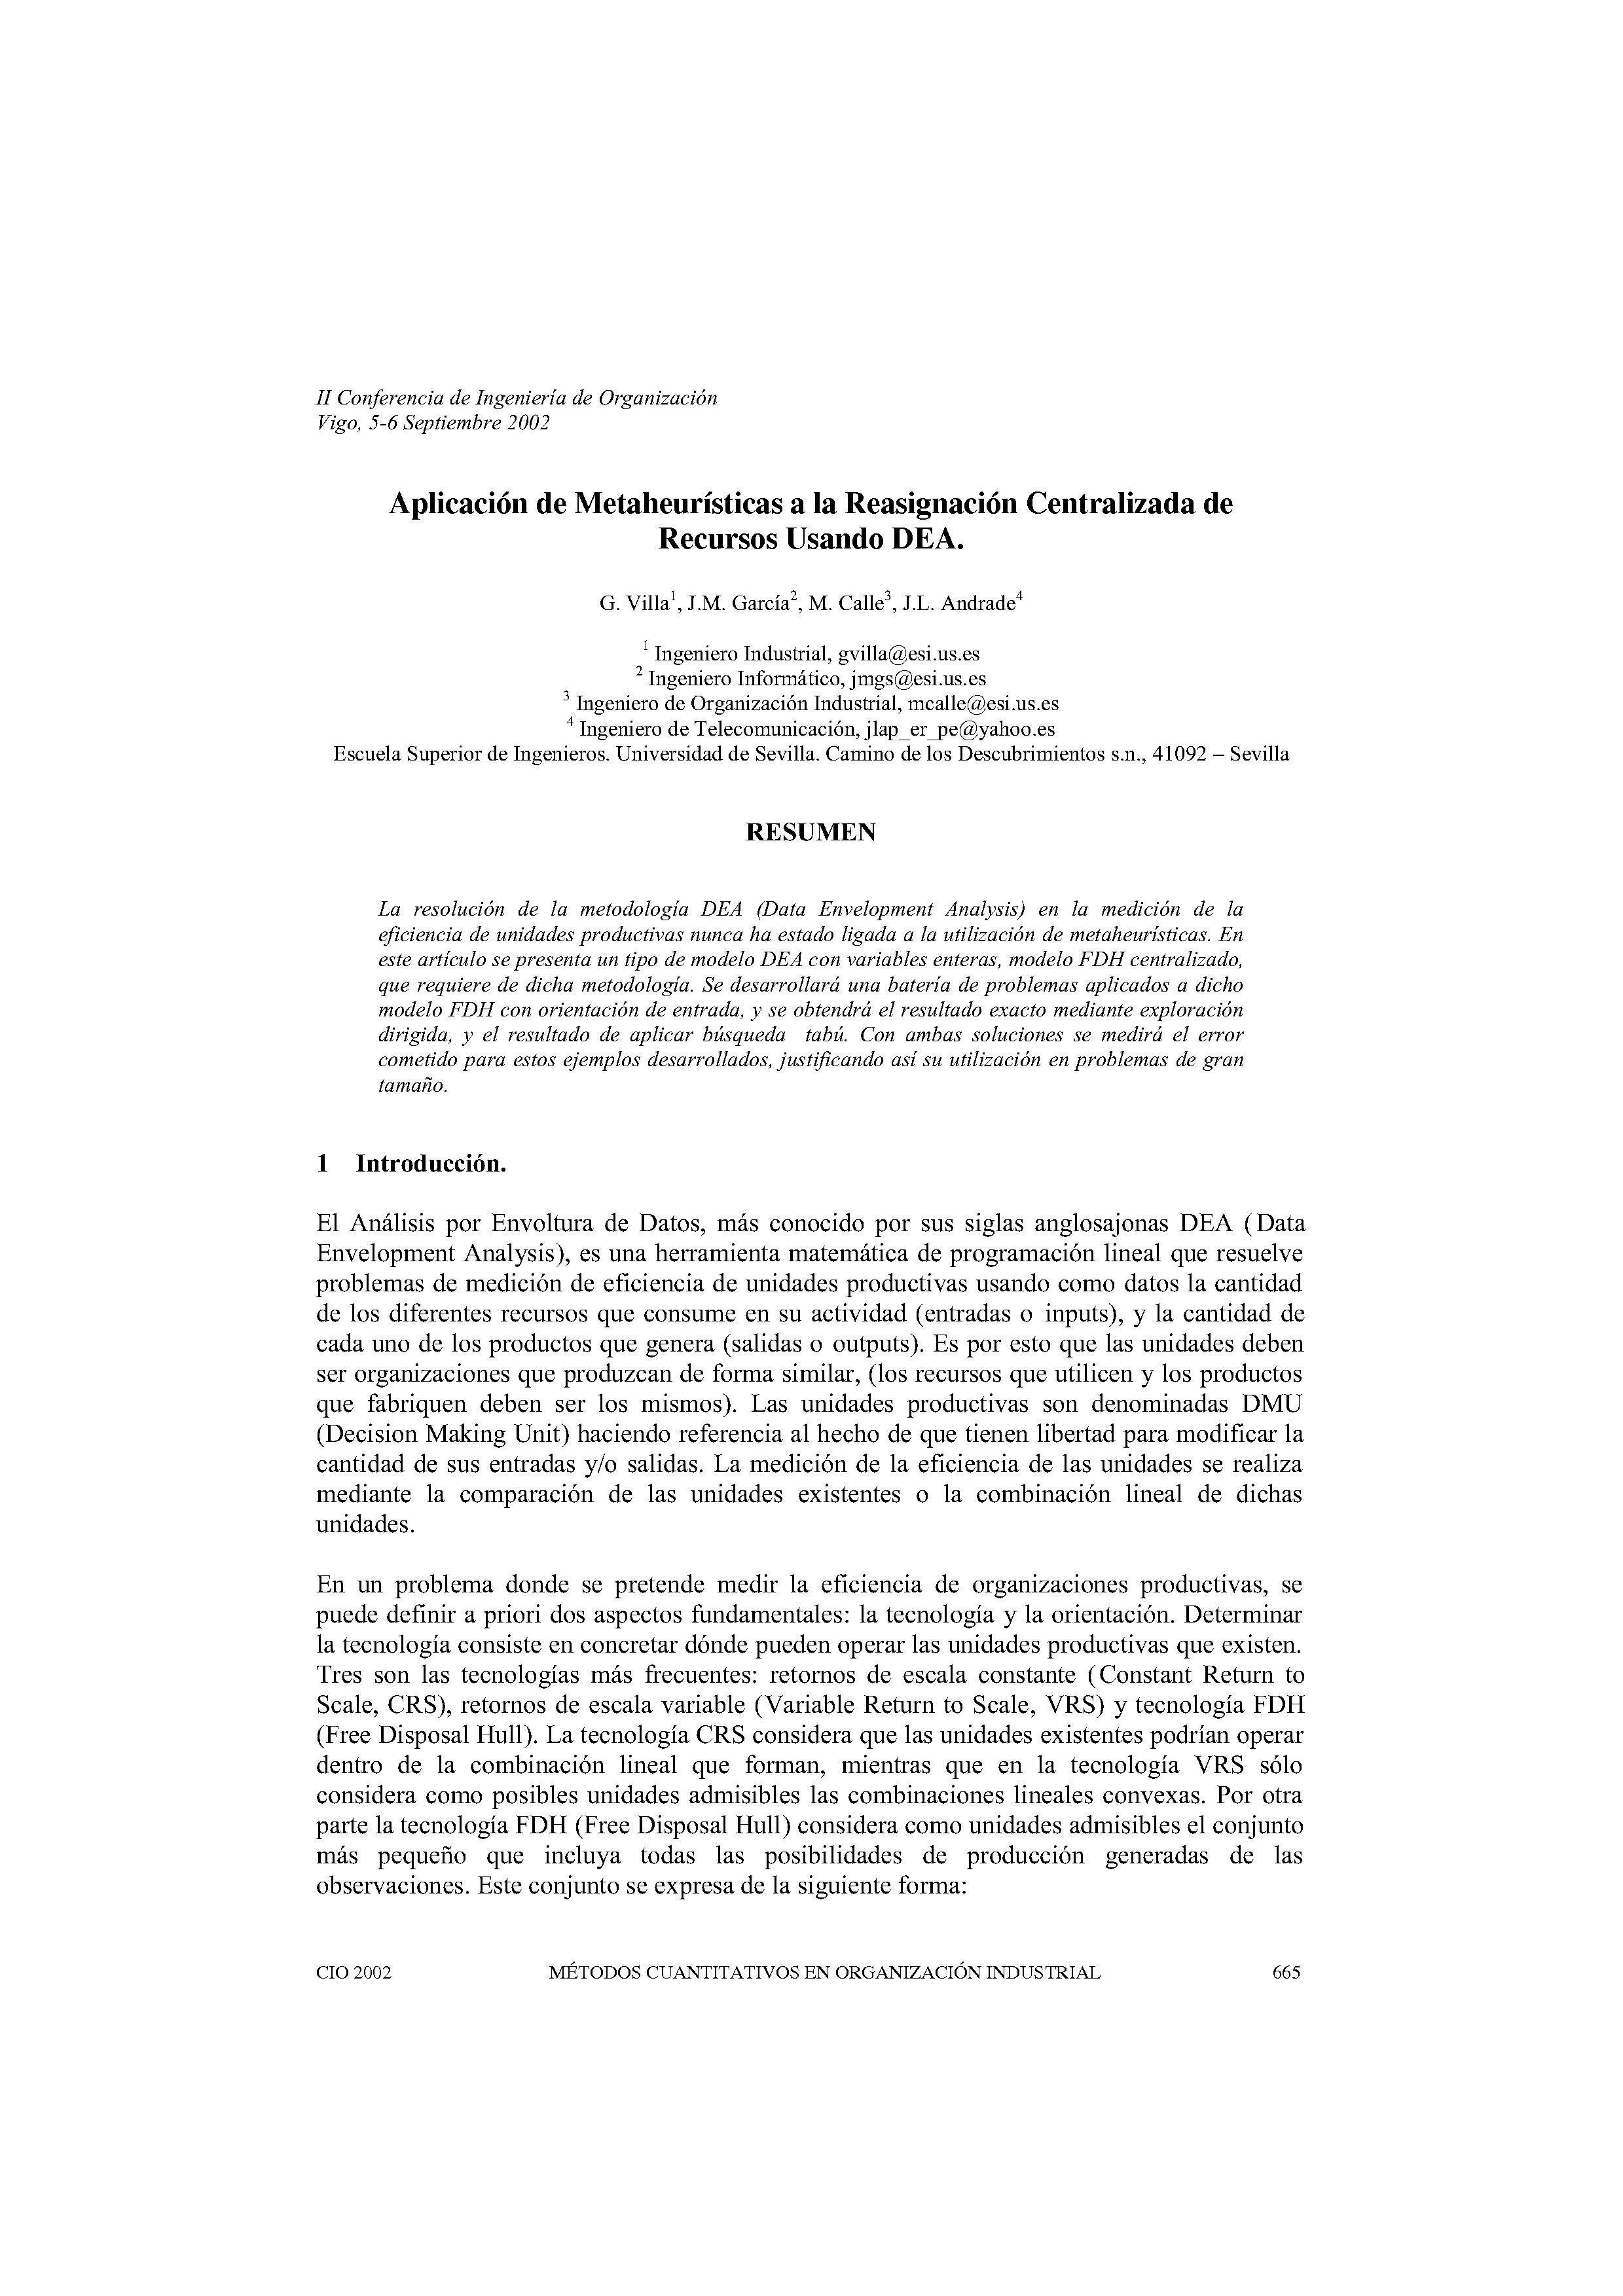 Aplicación de Metaheurísticas a la Reasignación Centralizada de  Recursos Usando DEA.